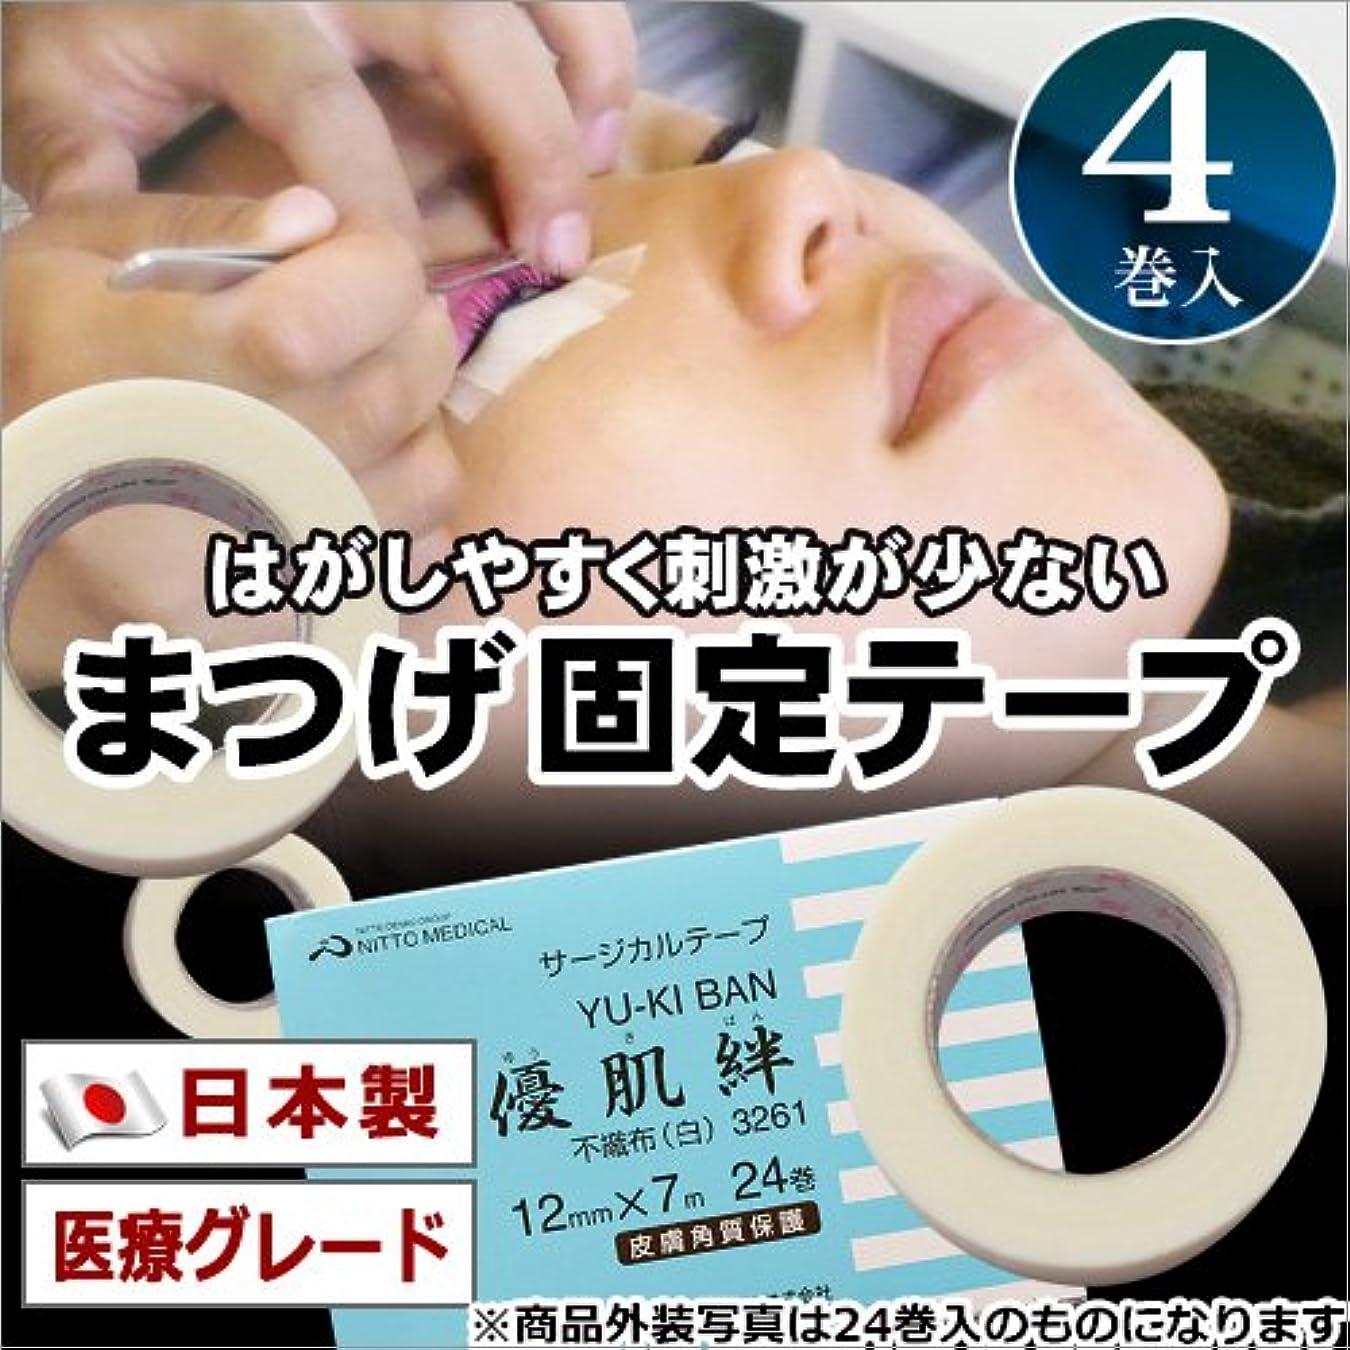 宿命ズボン蒸留日本製 医療グレード アイラッシュテープ(まつげ固定テープ)4巻